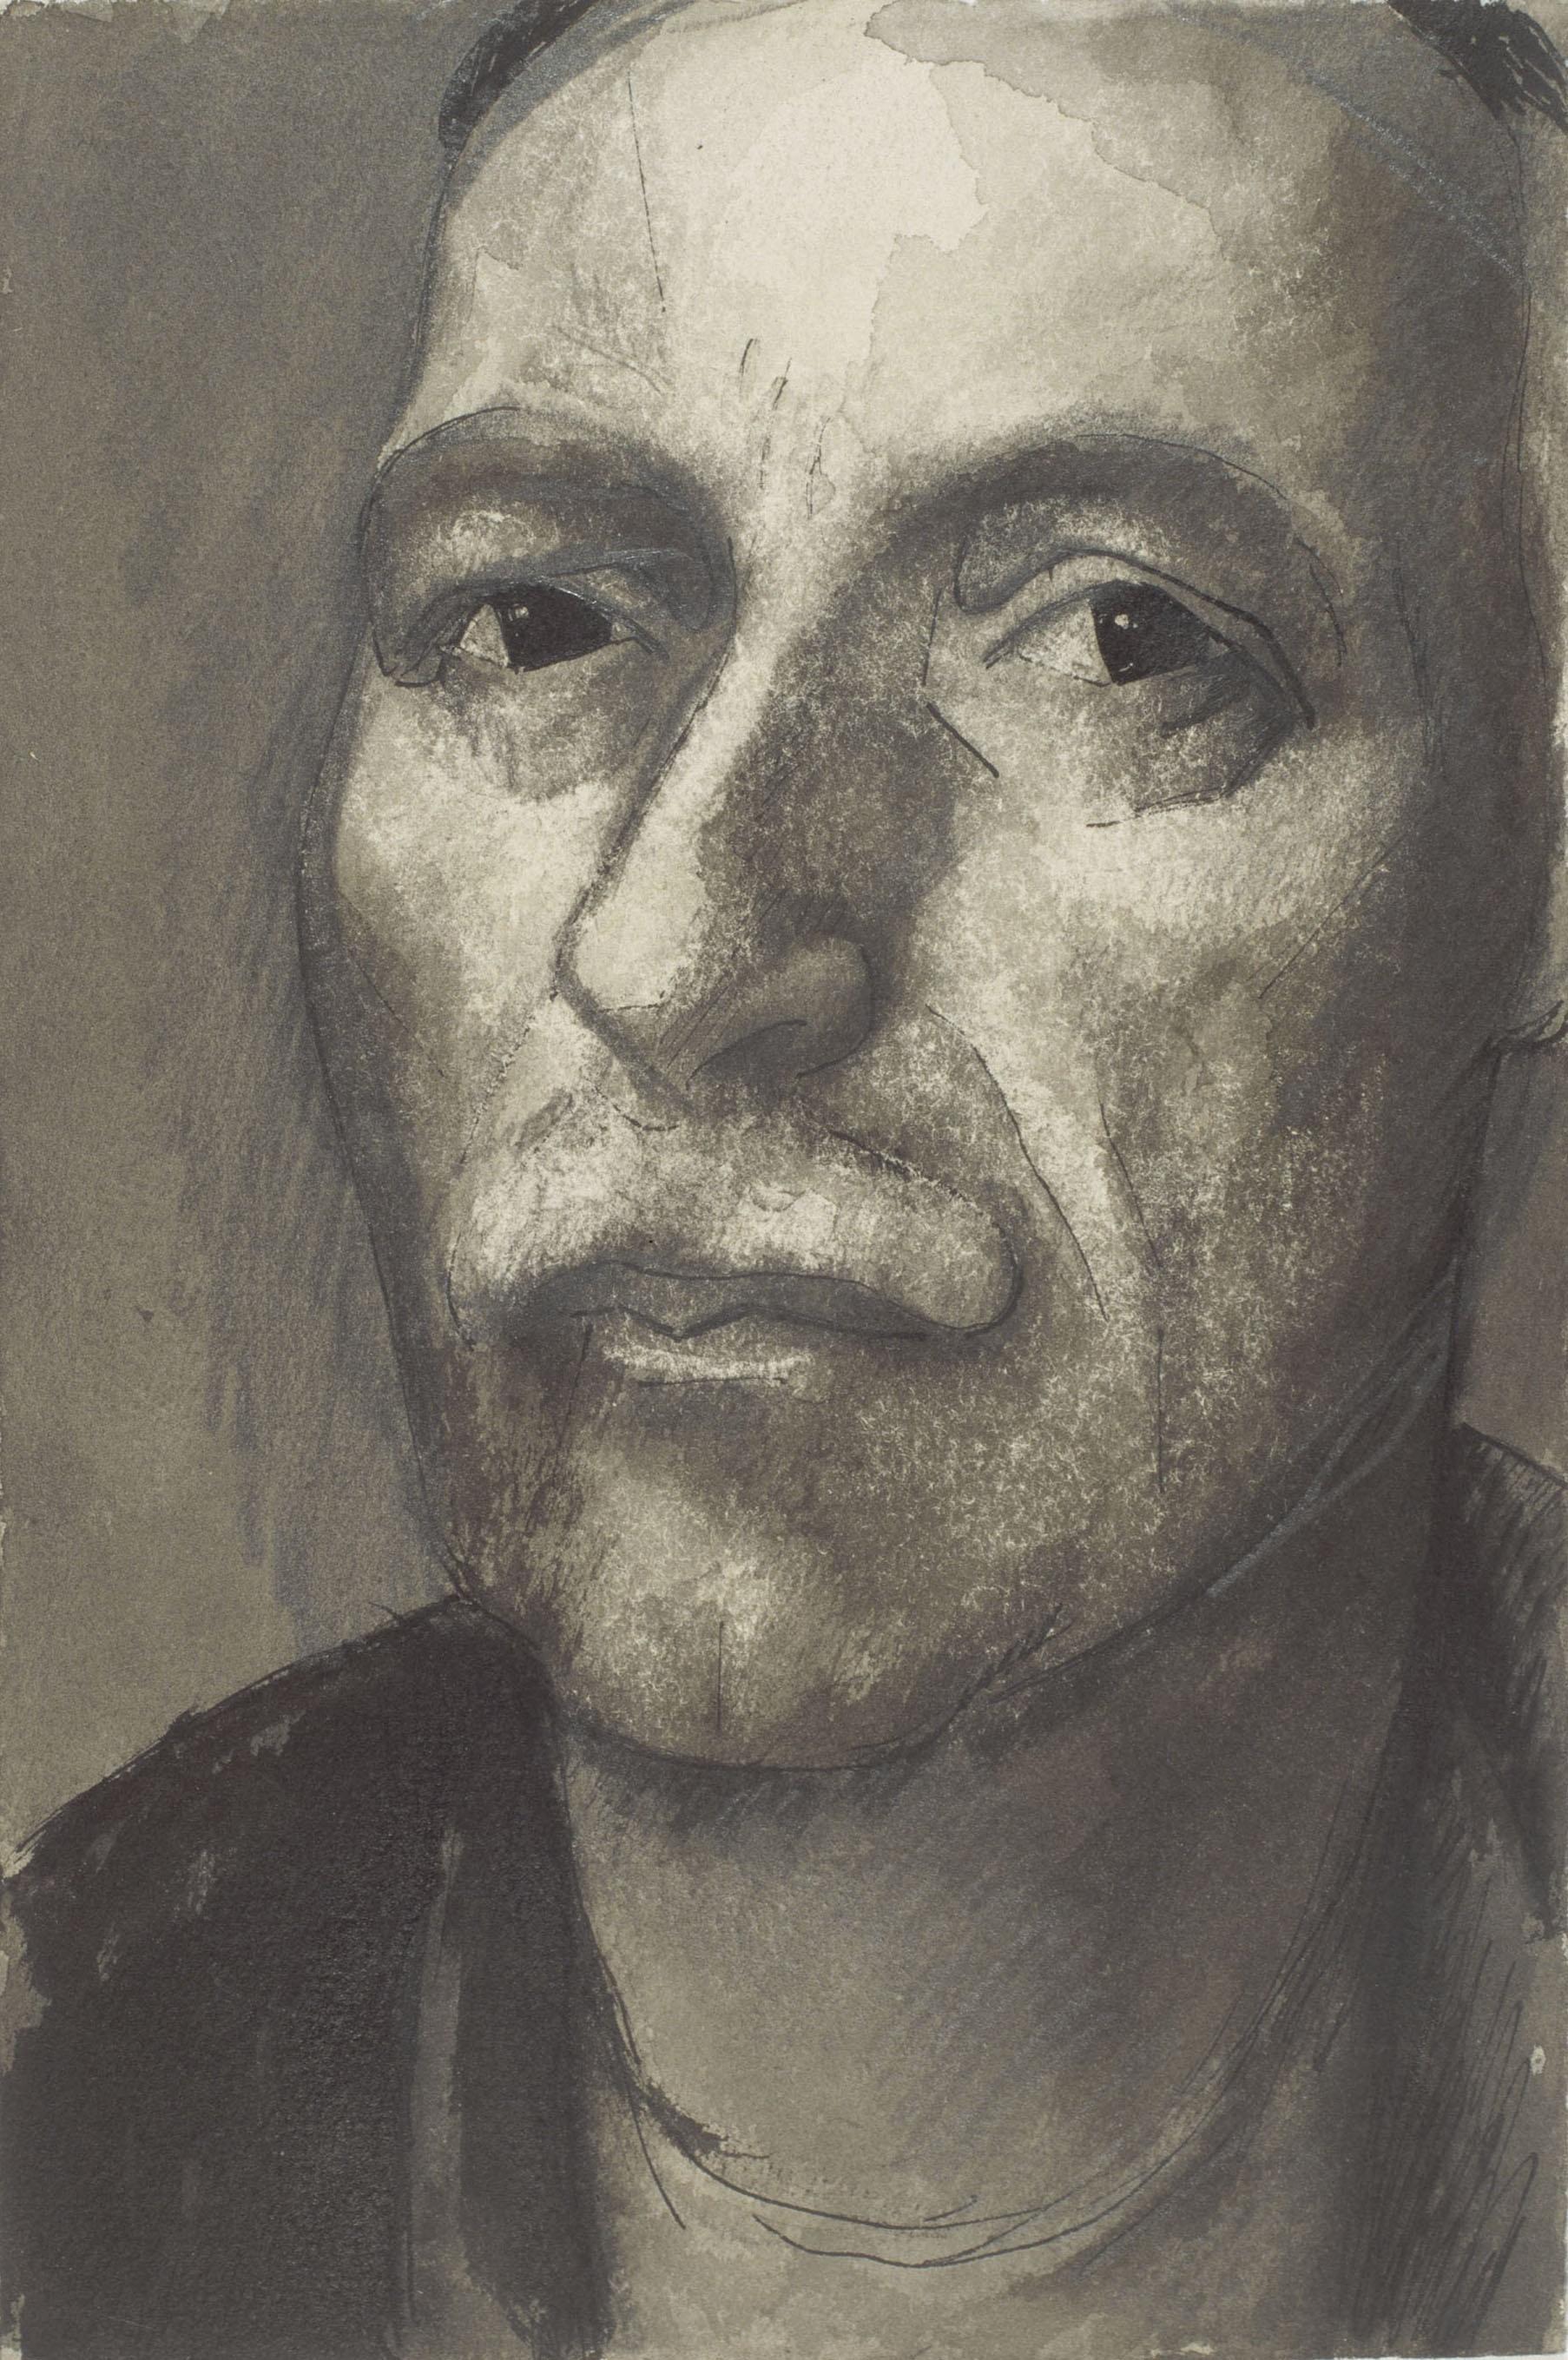 Juli González - Autoretrat (Auto-portrait) - Cap a 1940-1941